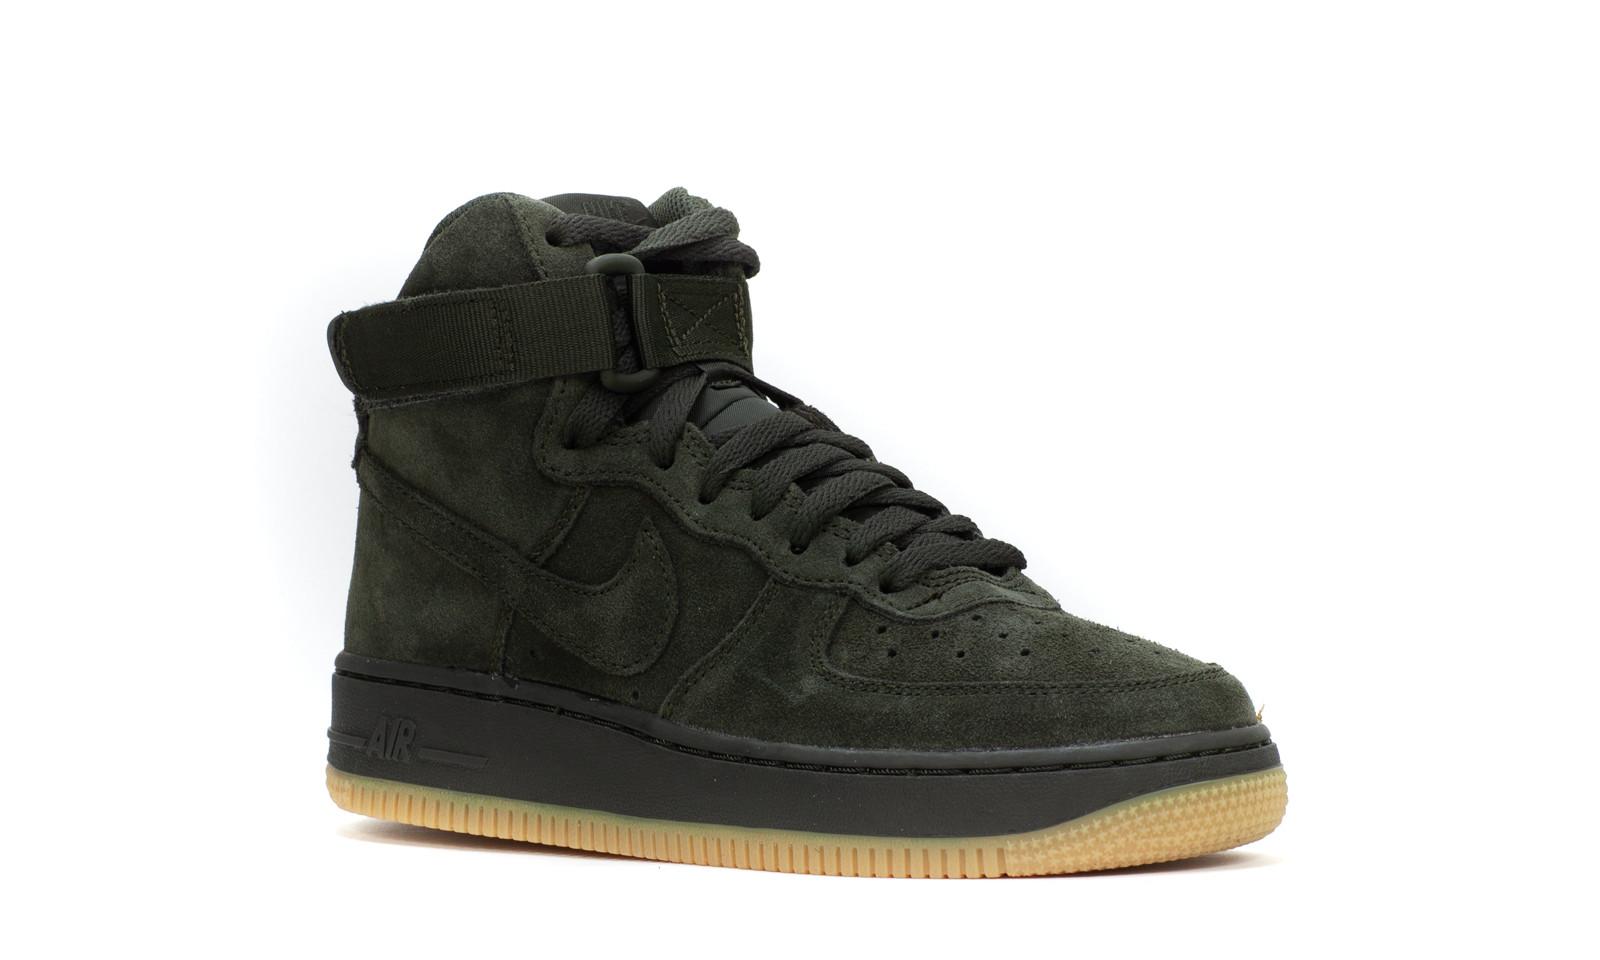 huge discount 9d79b b6a0e Nike Air Force 1 High LV8 (GS) 807617 300 || timsport.pl - dodatkowe ...